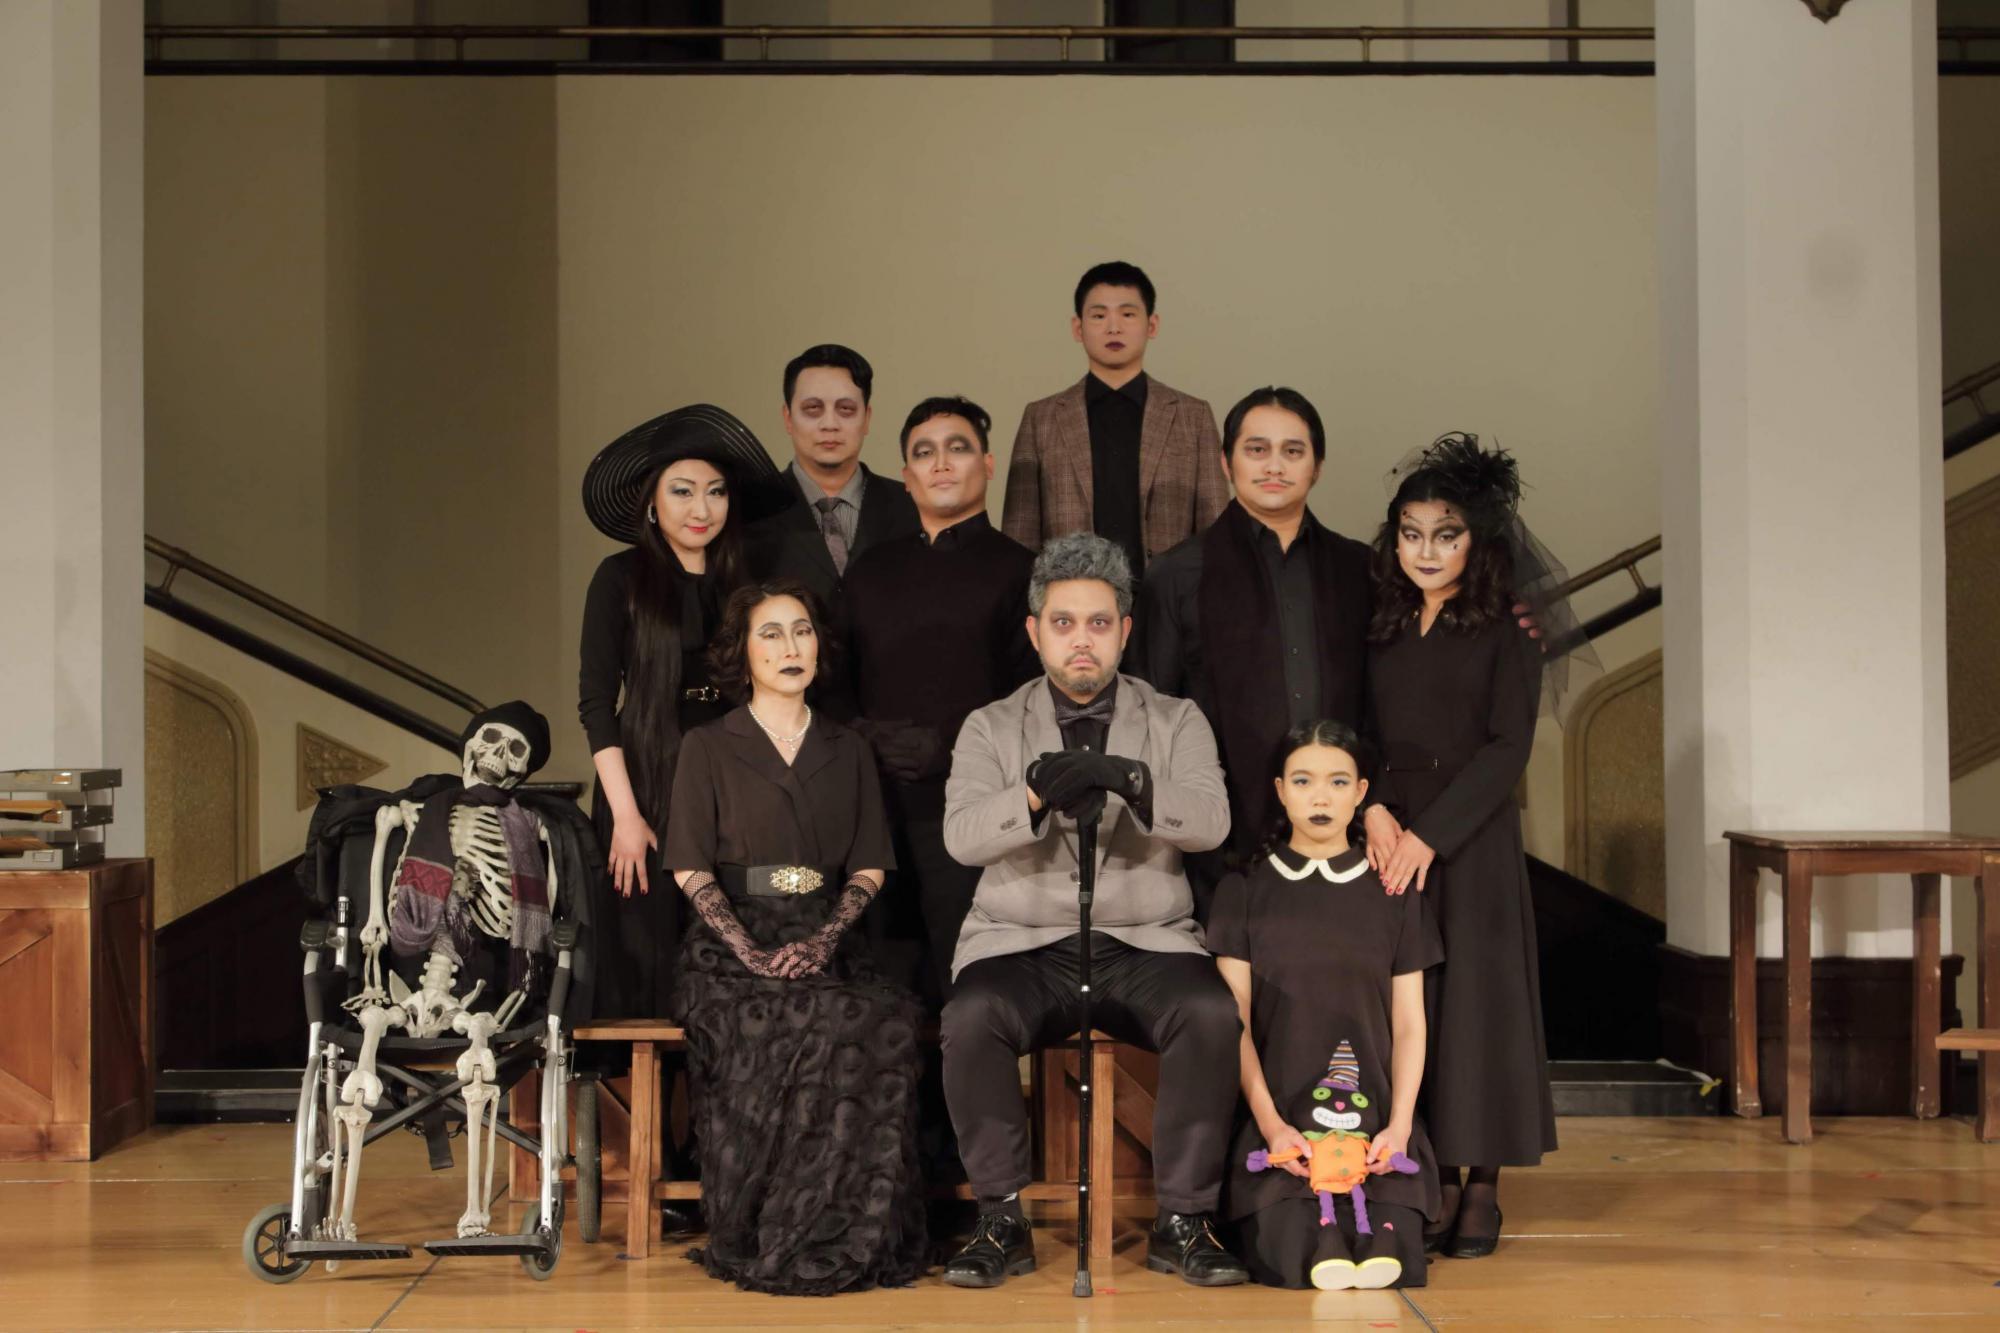 台北愛樂歌劇坊10週年鉅獻 一嘗淚水與歡笑交加的人生樣貌